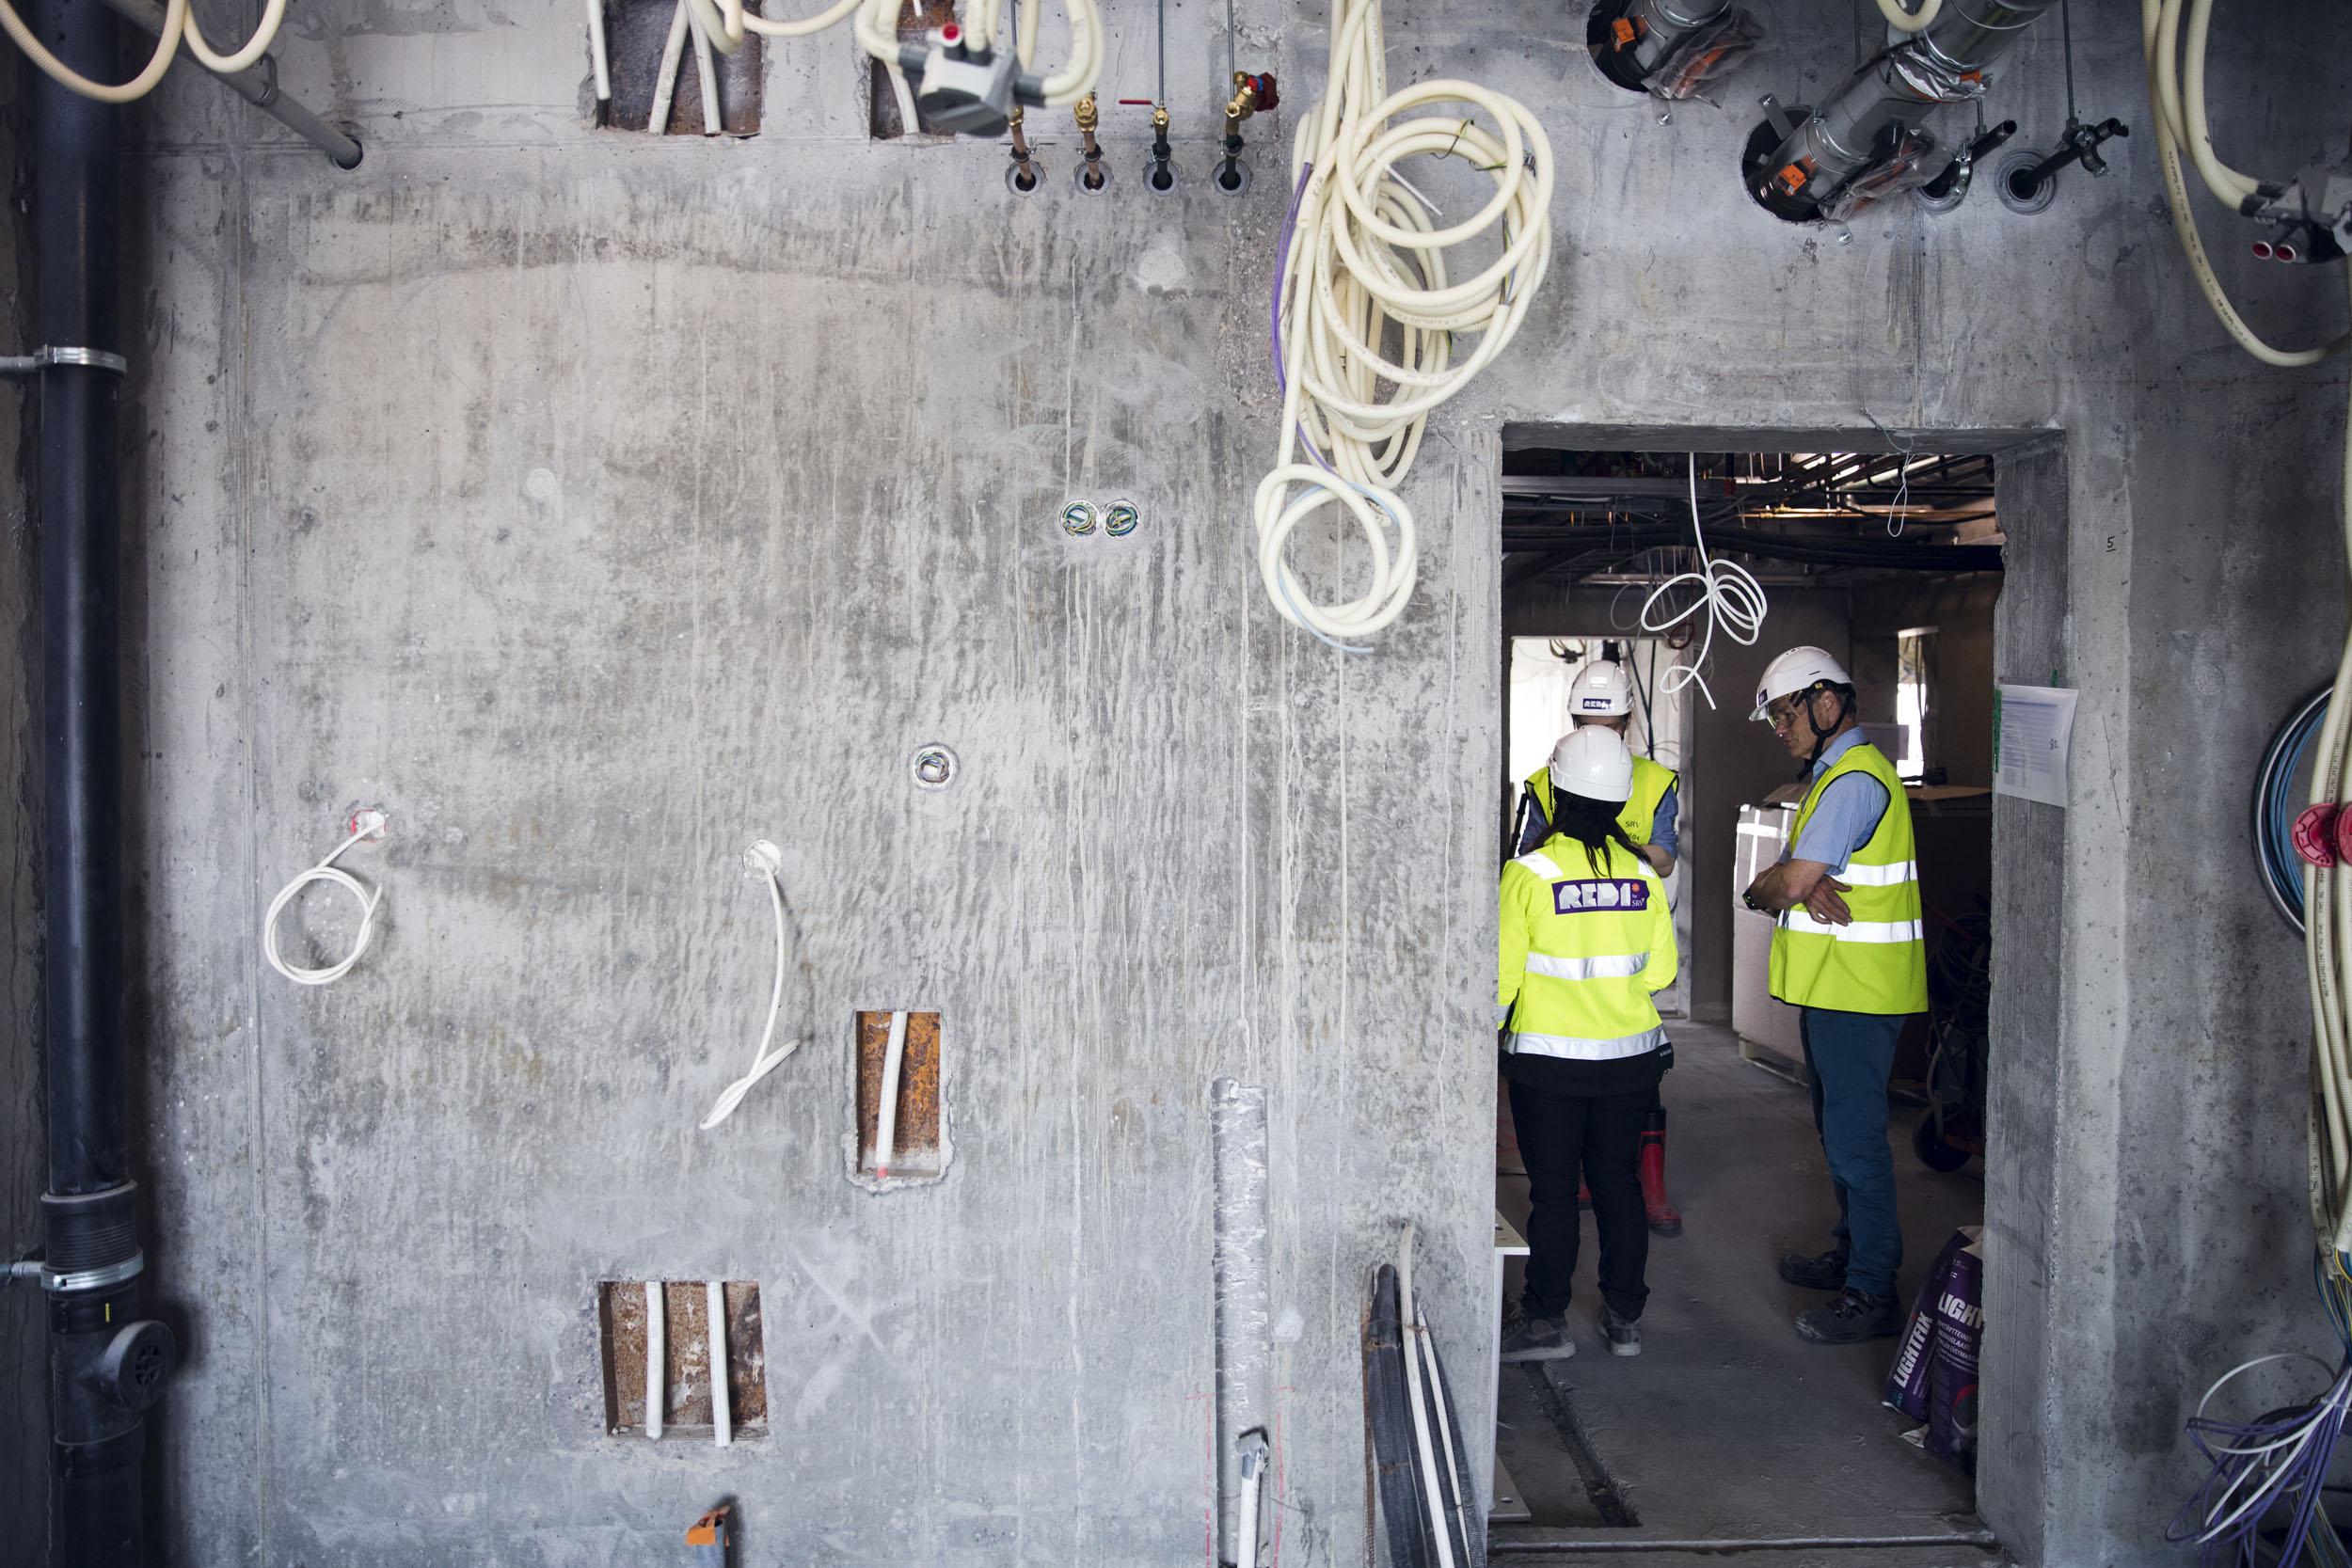 Sähköjohtoja tursuavat betonihuoneistot kaipaavat vielä paljon viimeistelyä, ennen kuin asukkaat pääsevät muuttamaan niihin keväällä 2019.